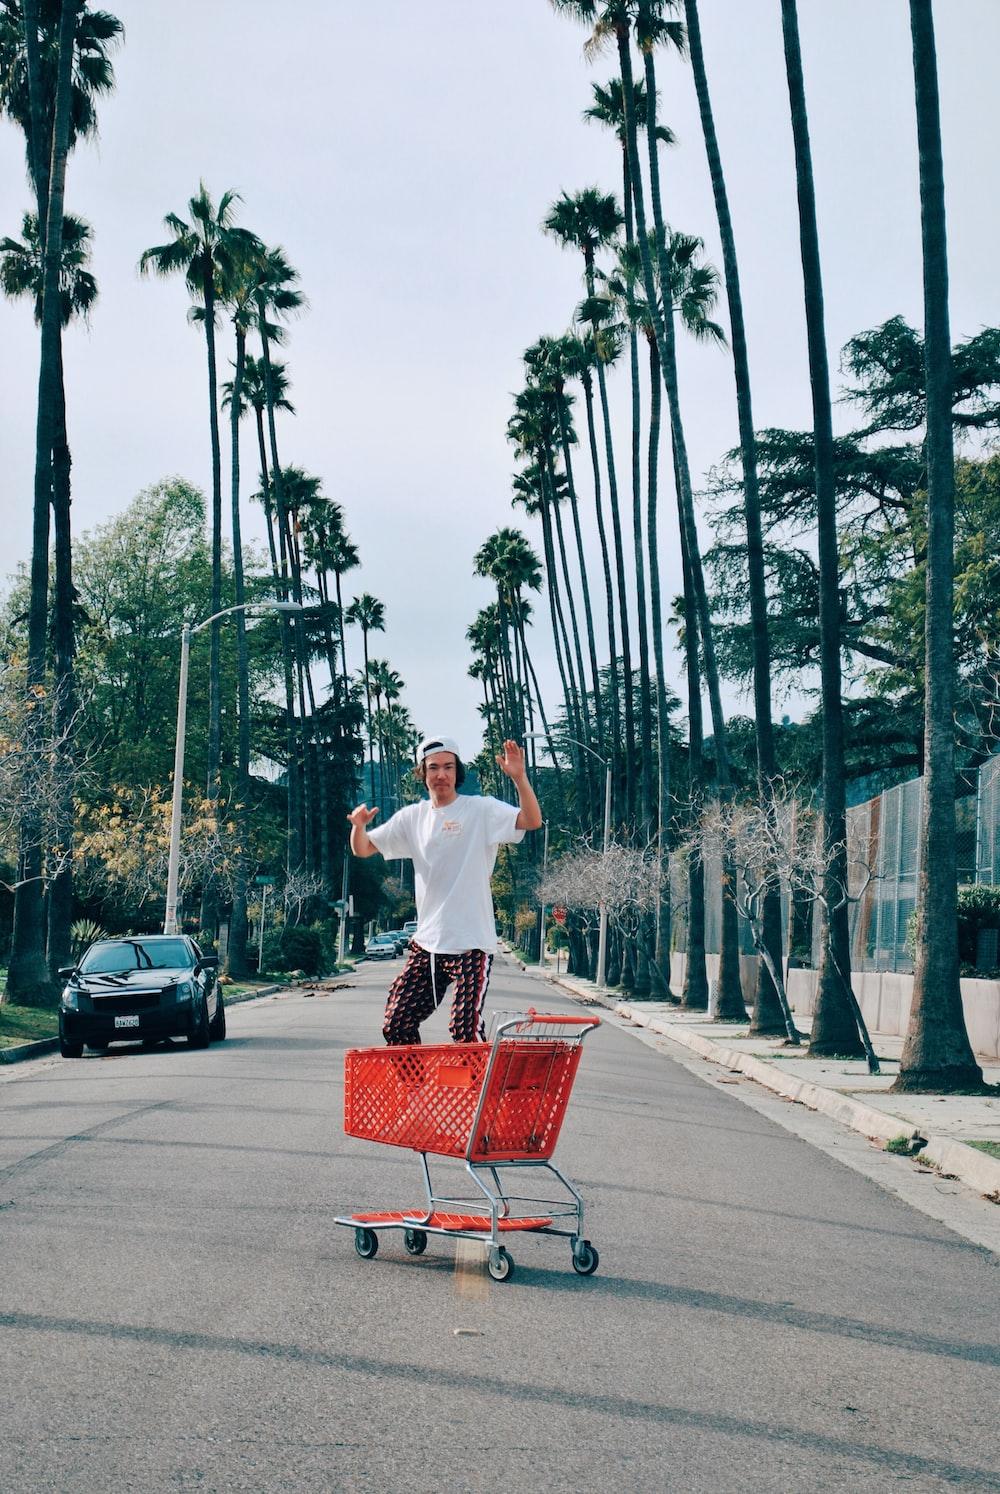 man on shopping cart